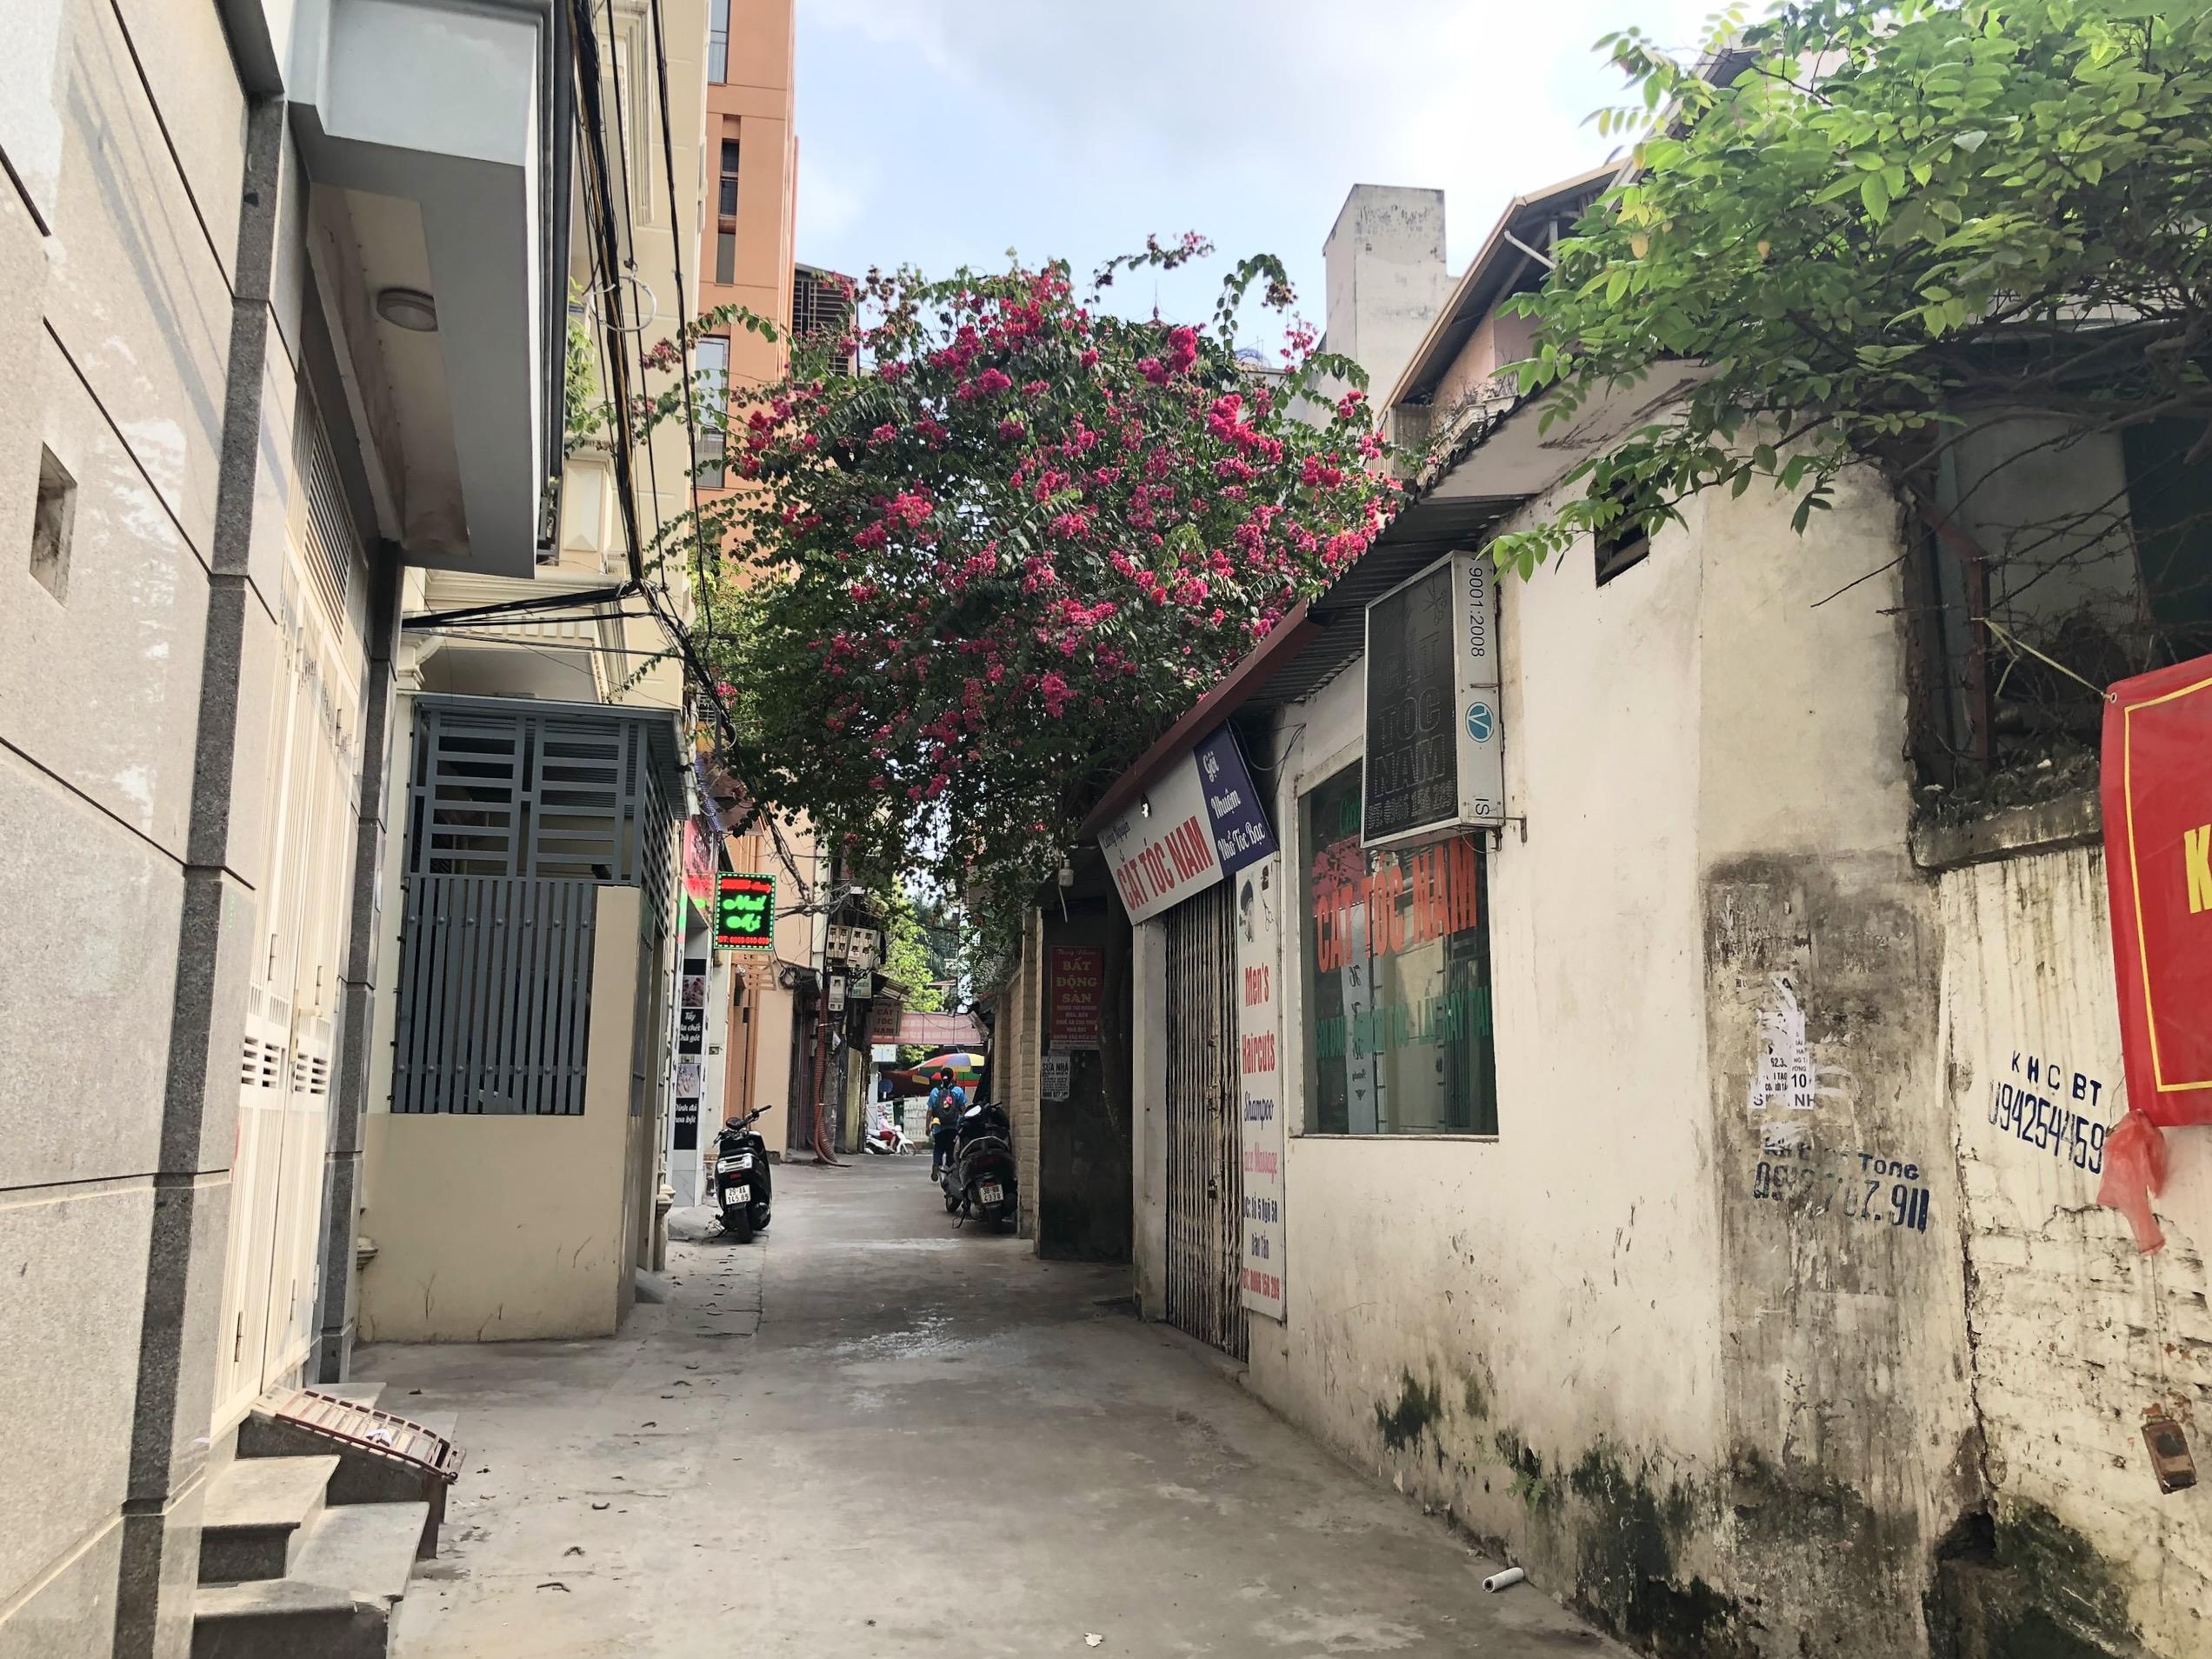 Những khu đất sắp thu hồi ở phường Cống Vị, Ba Đình để làm đường nối Đào Tấn - Đội Cấn  - Ảnh 3.